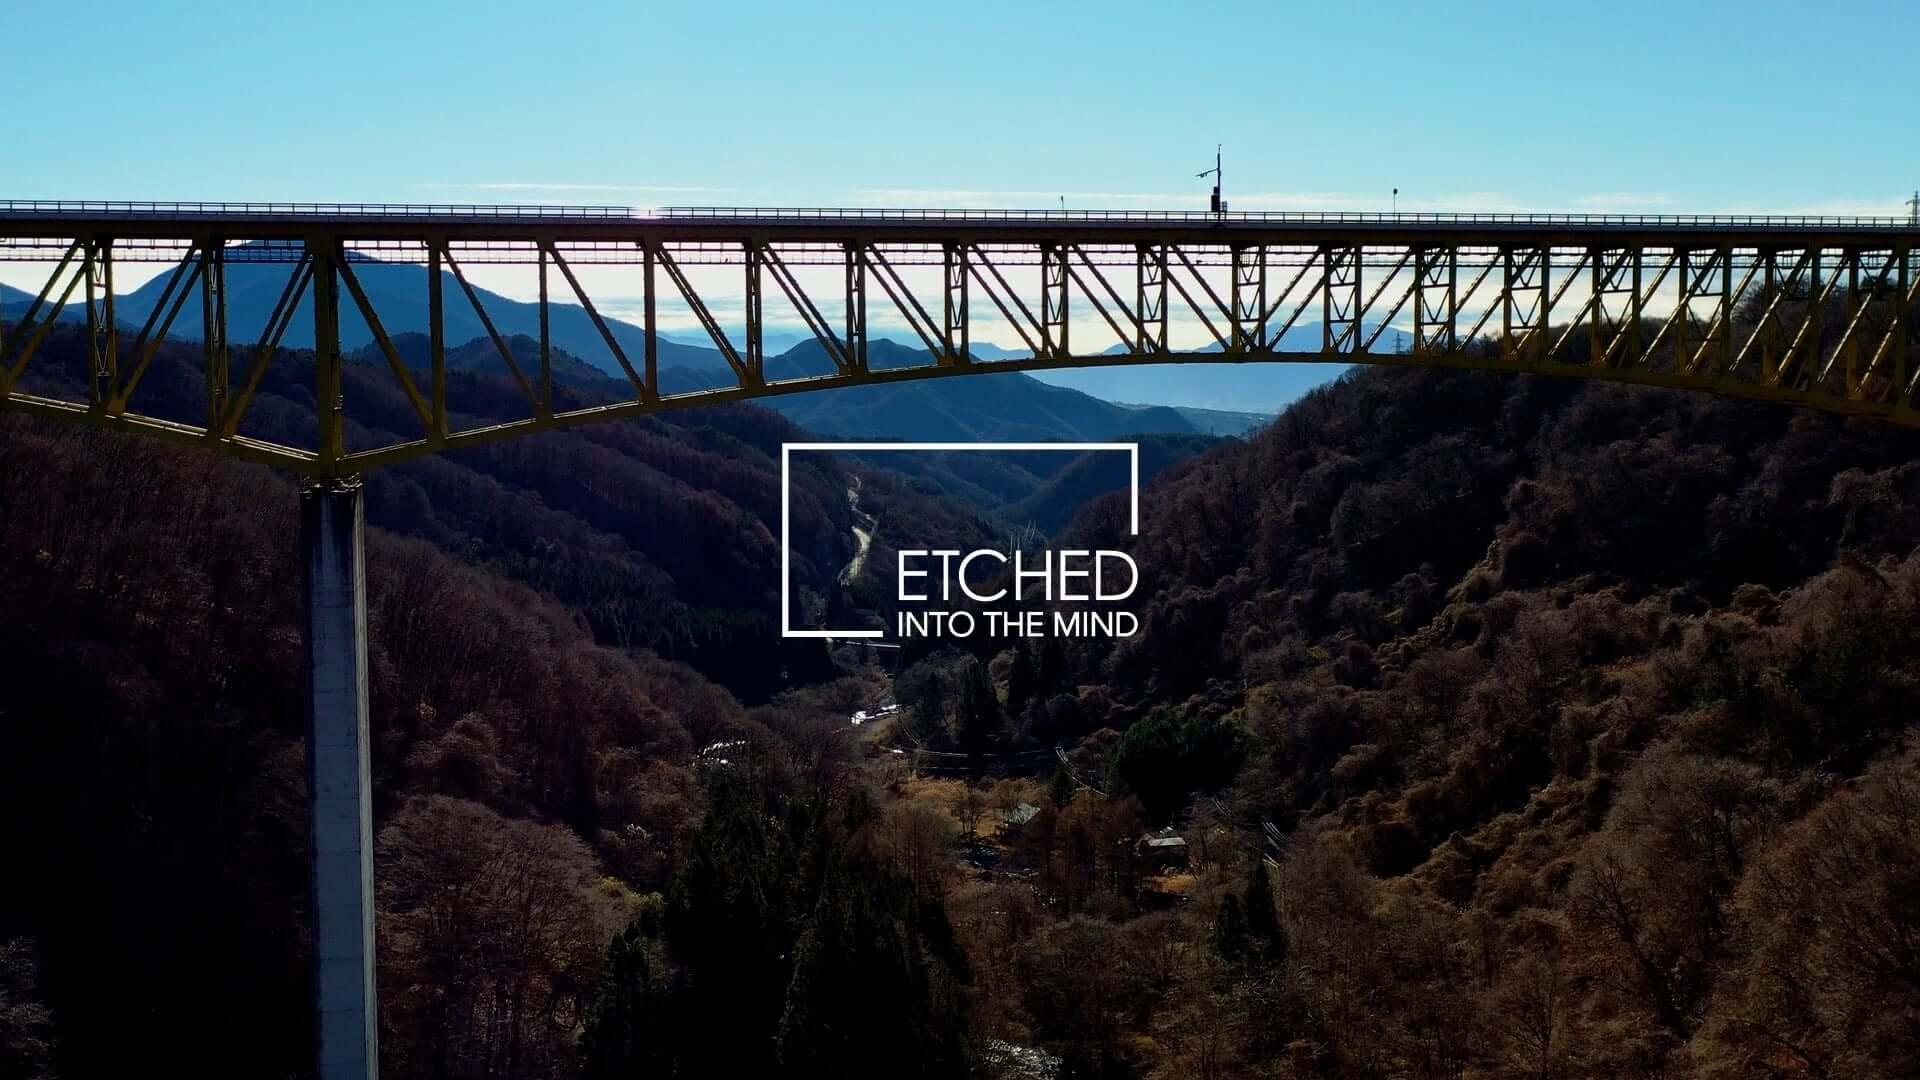 Wata Igarashiのライブセットが世界初の映像化!4Kの映像音楽アートプロジェクト「ETCHED」第3弾作品が公開 music210113_etched_2-1920x1080